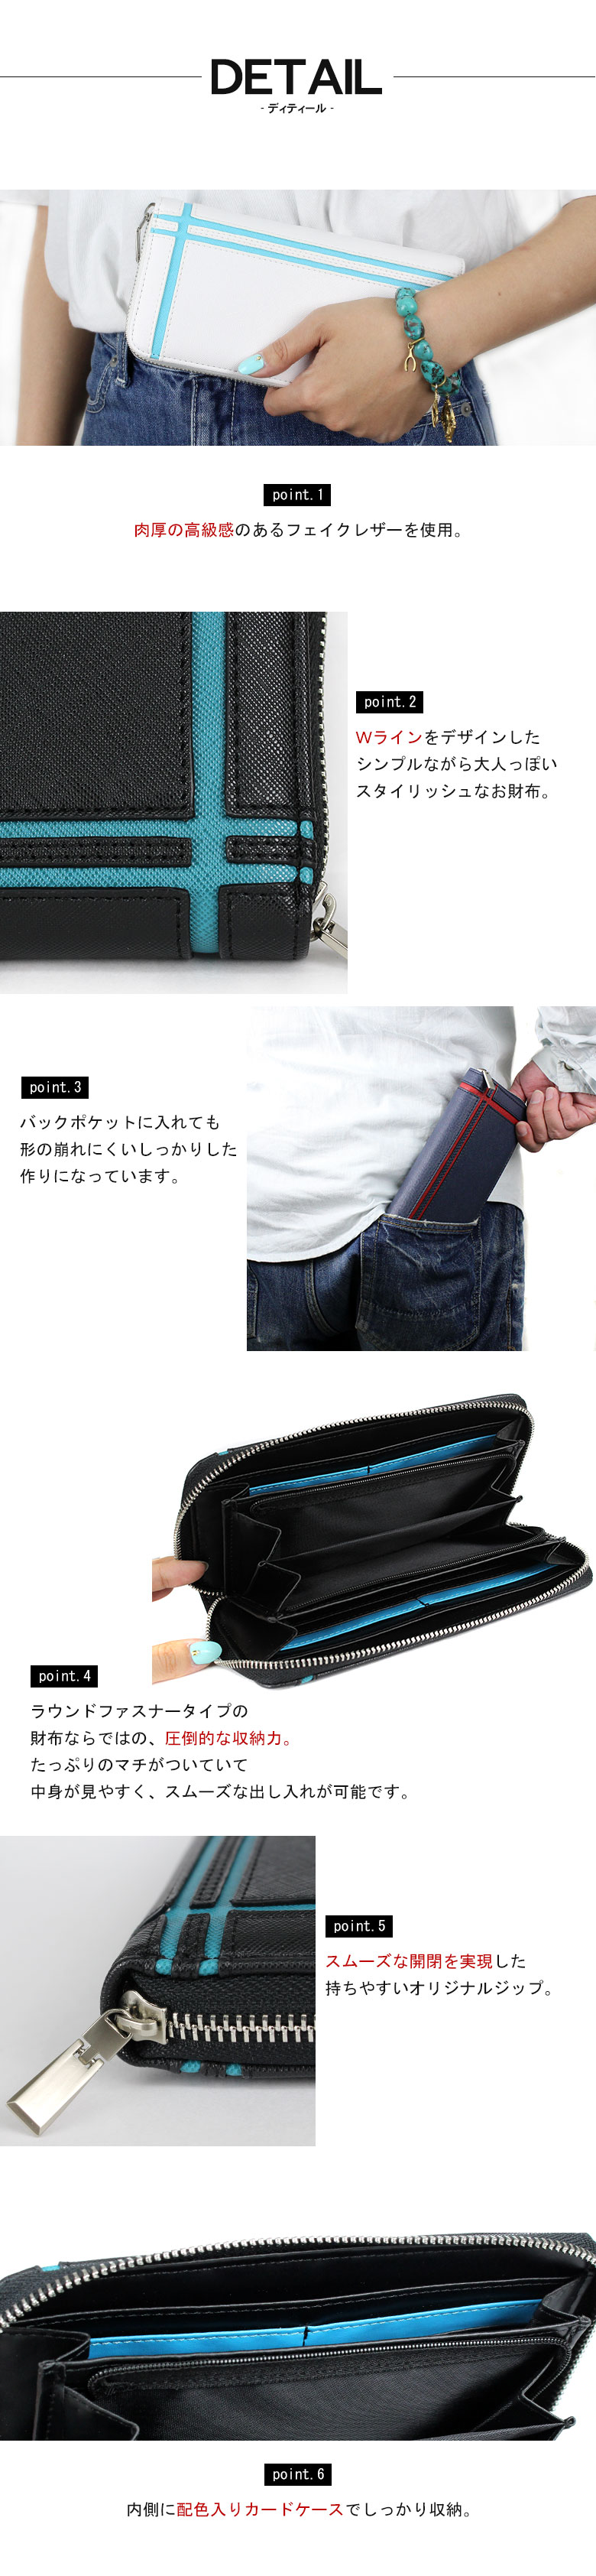 財布 通販 Wクロスライン ウォレットブラック・ネイビー・ホワイト 合成皮革